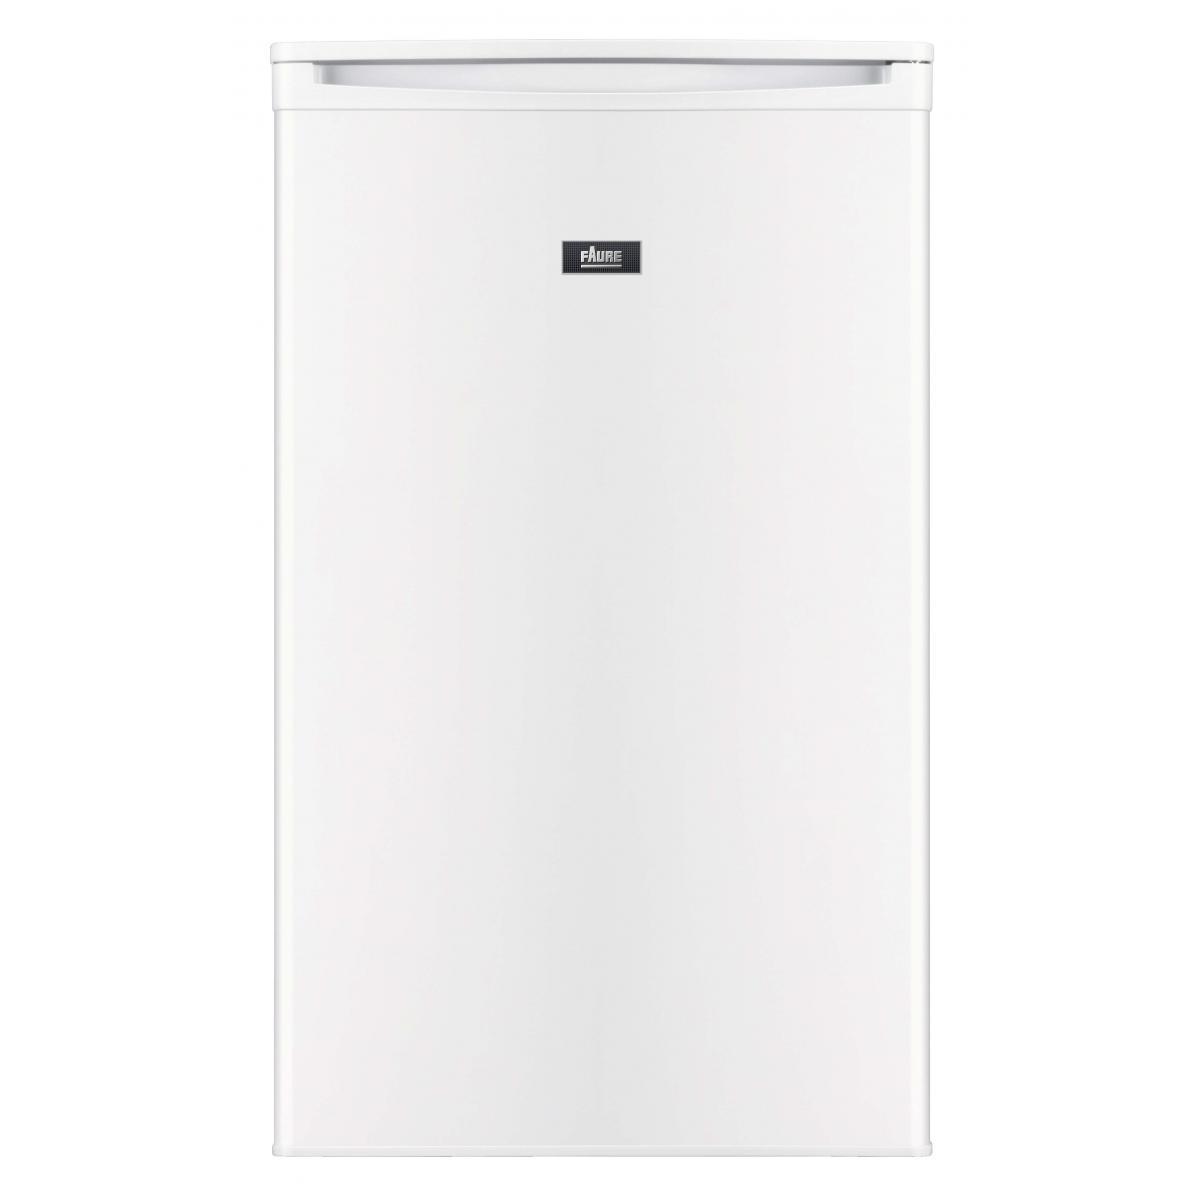 Faure Réfrigérateur table top 96L Froid Statique FAURE 49.6cm A+, FXAN9FW0